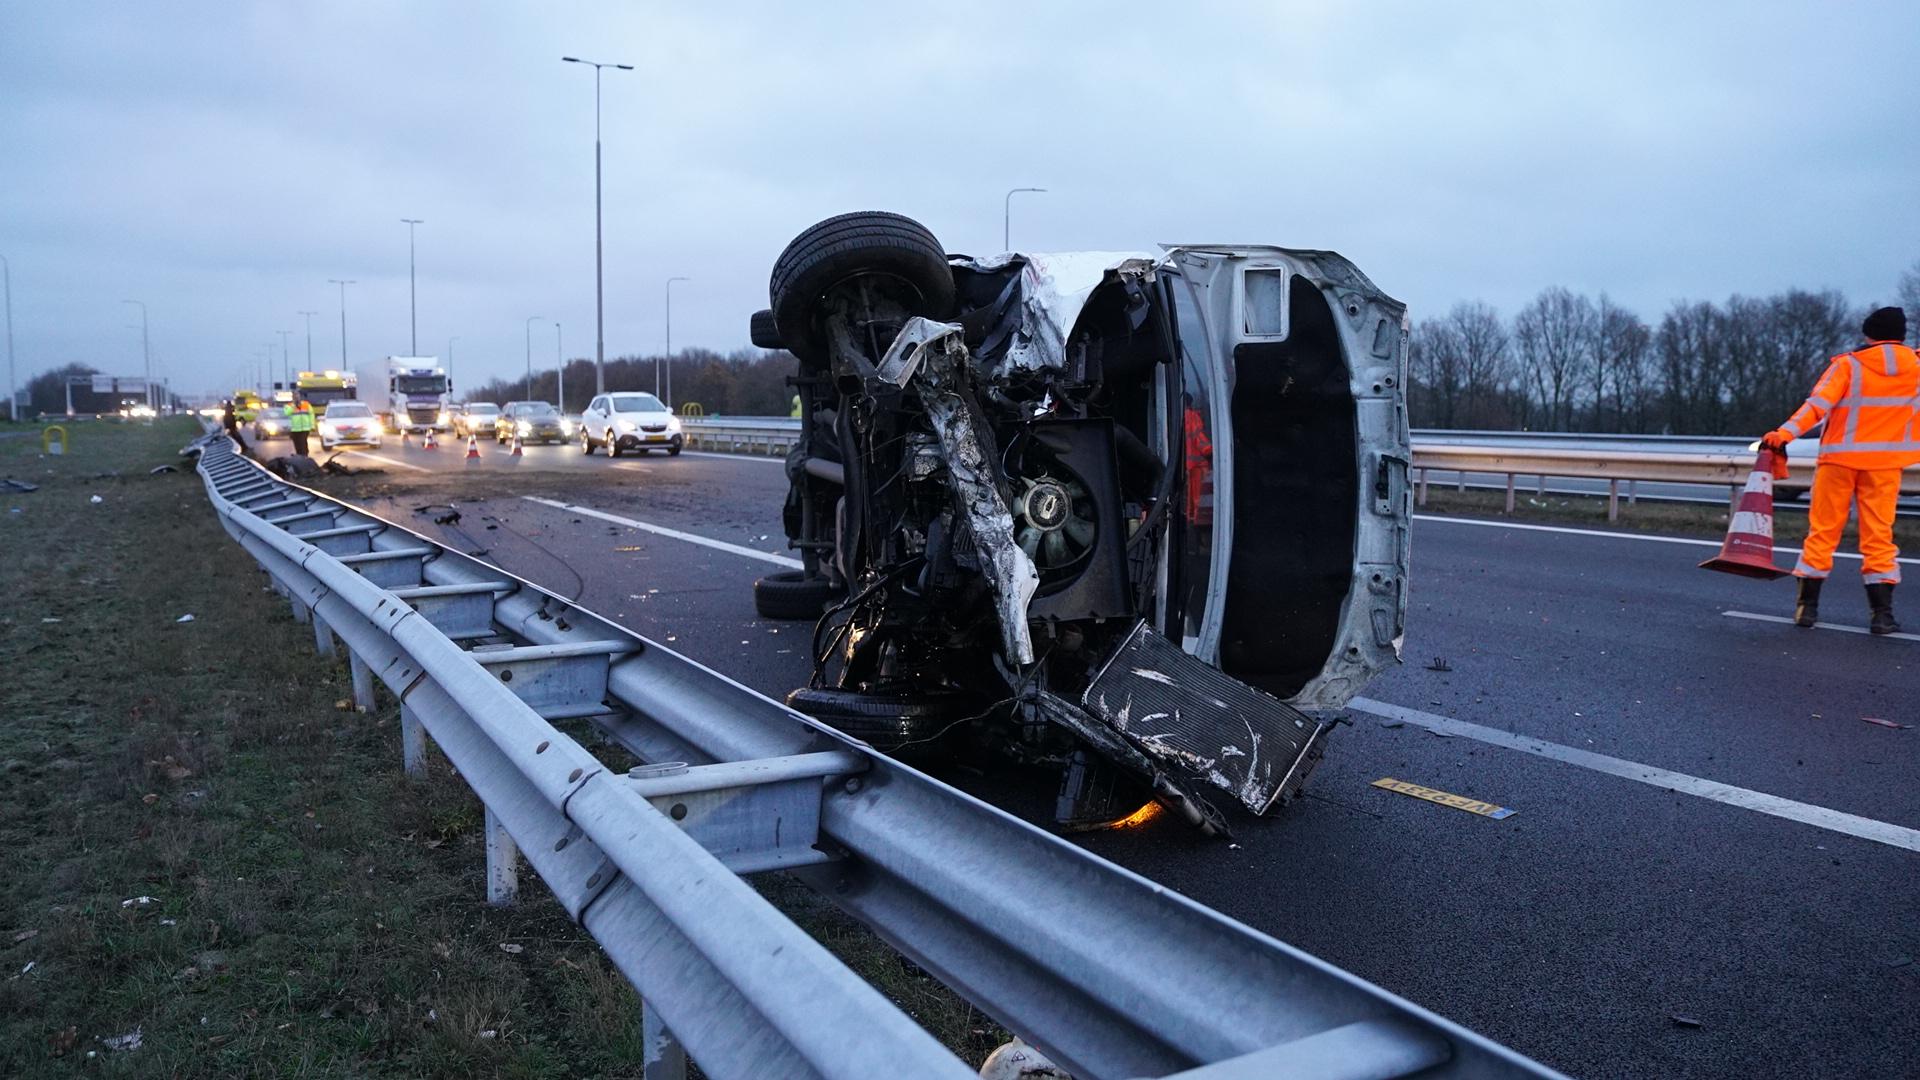 Flinke file op A1 bij Deventer door ongeval, weg is weer vrij.